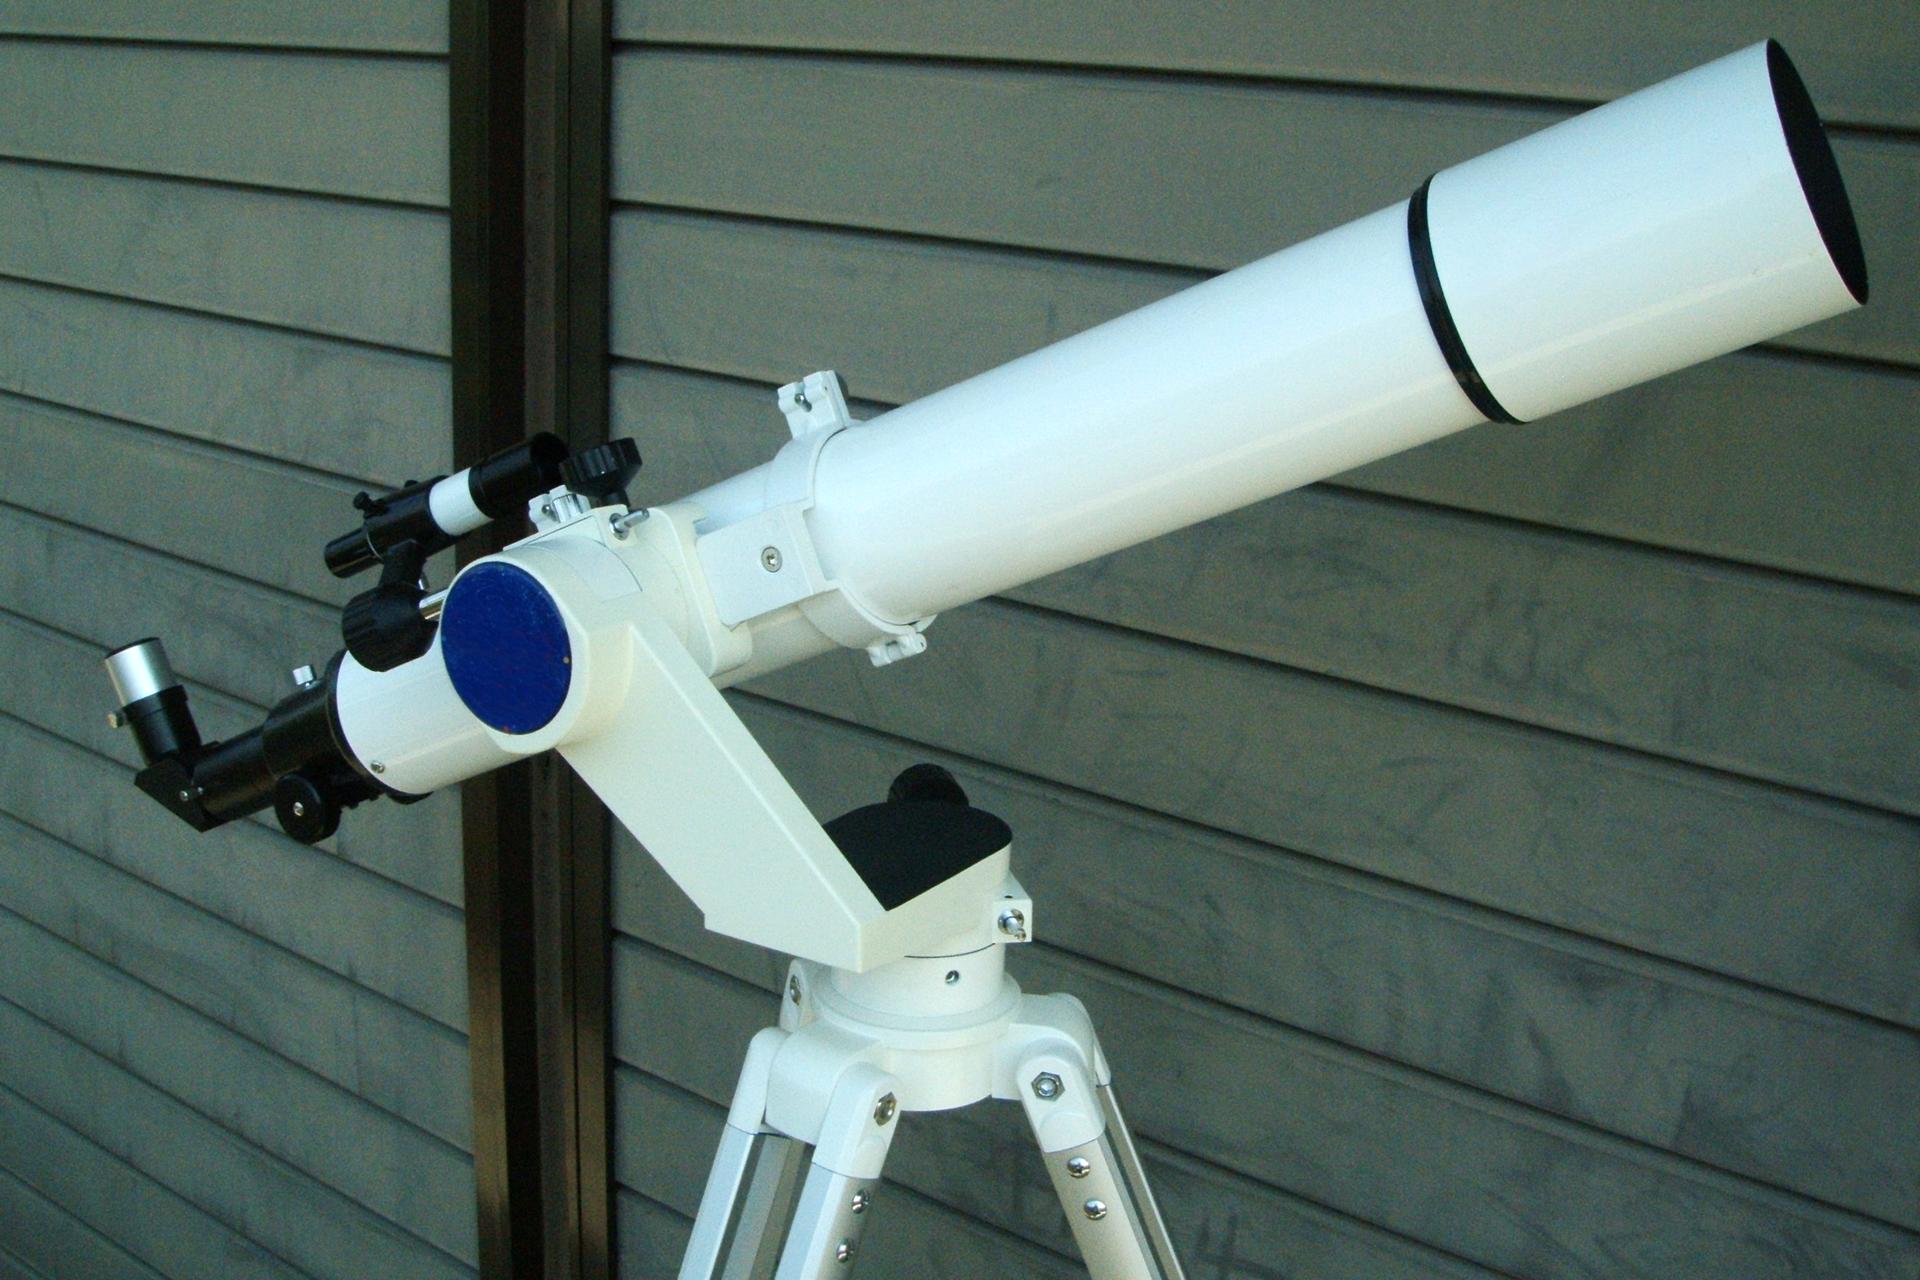 Fotografia prezentuje teleskop na statywie wbiałej obudowie.